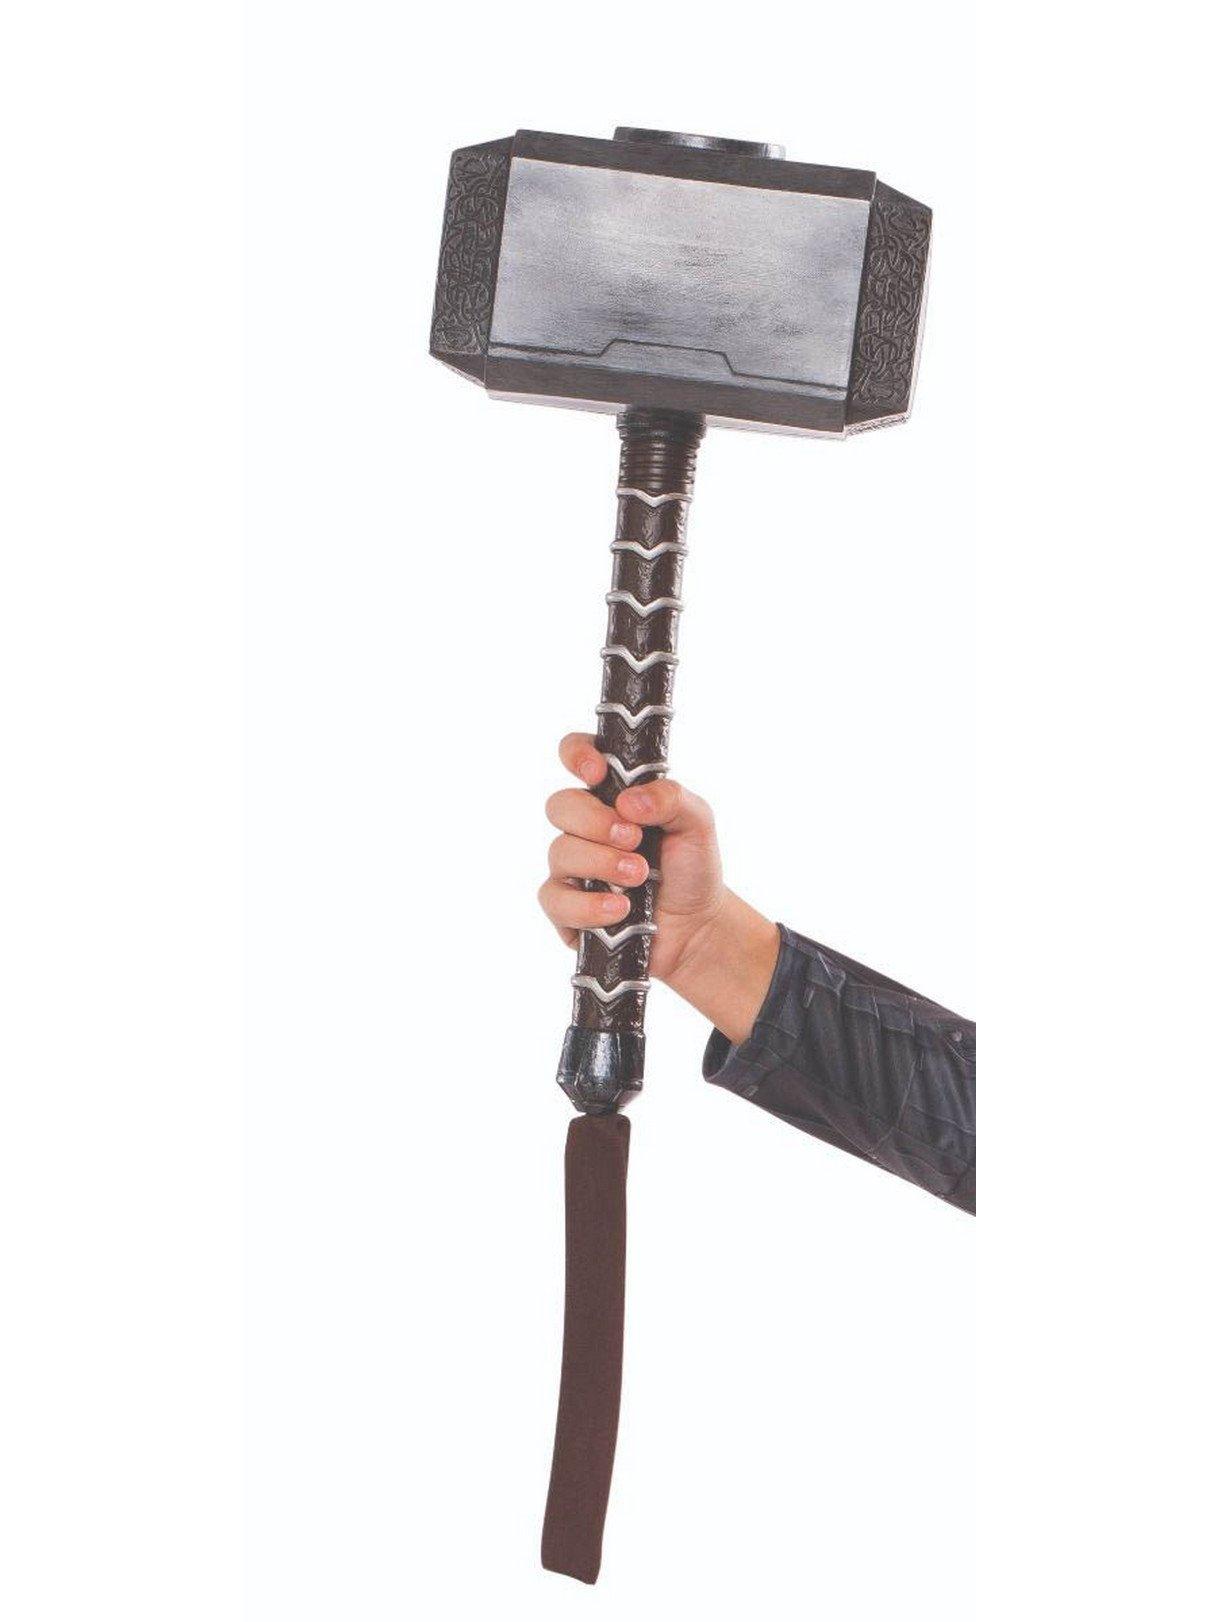 Rubie's Costume Co Men's Thor Adult Costume, Thor: Ragnarok, Hammer